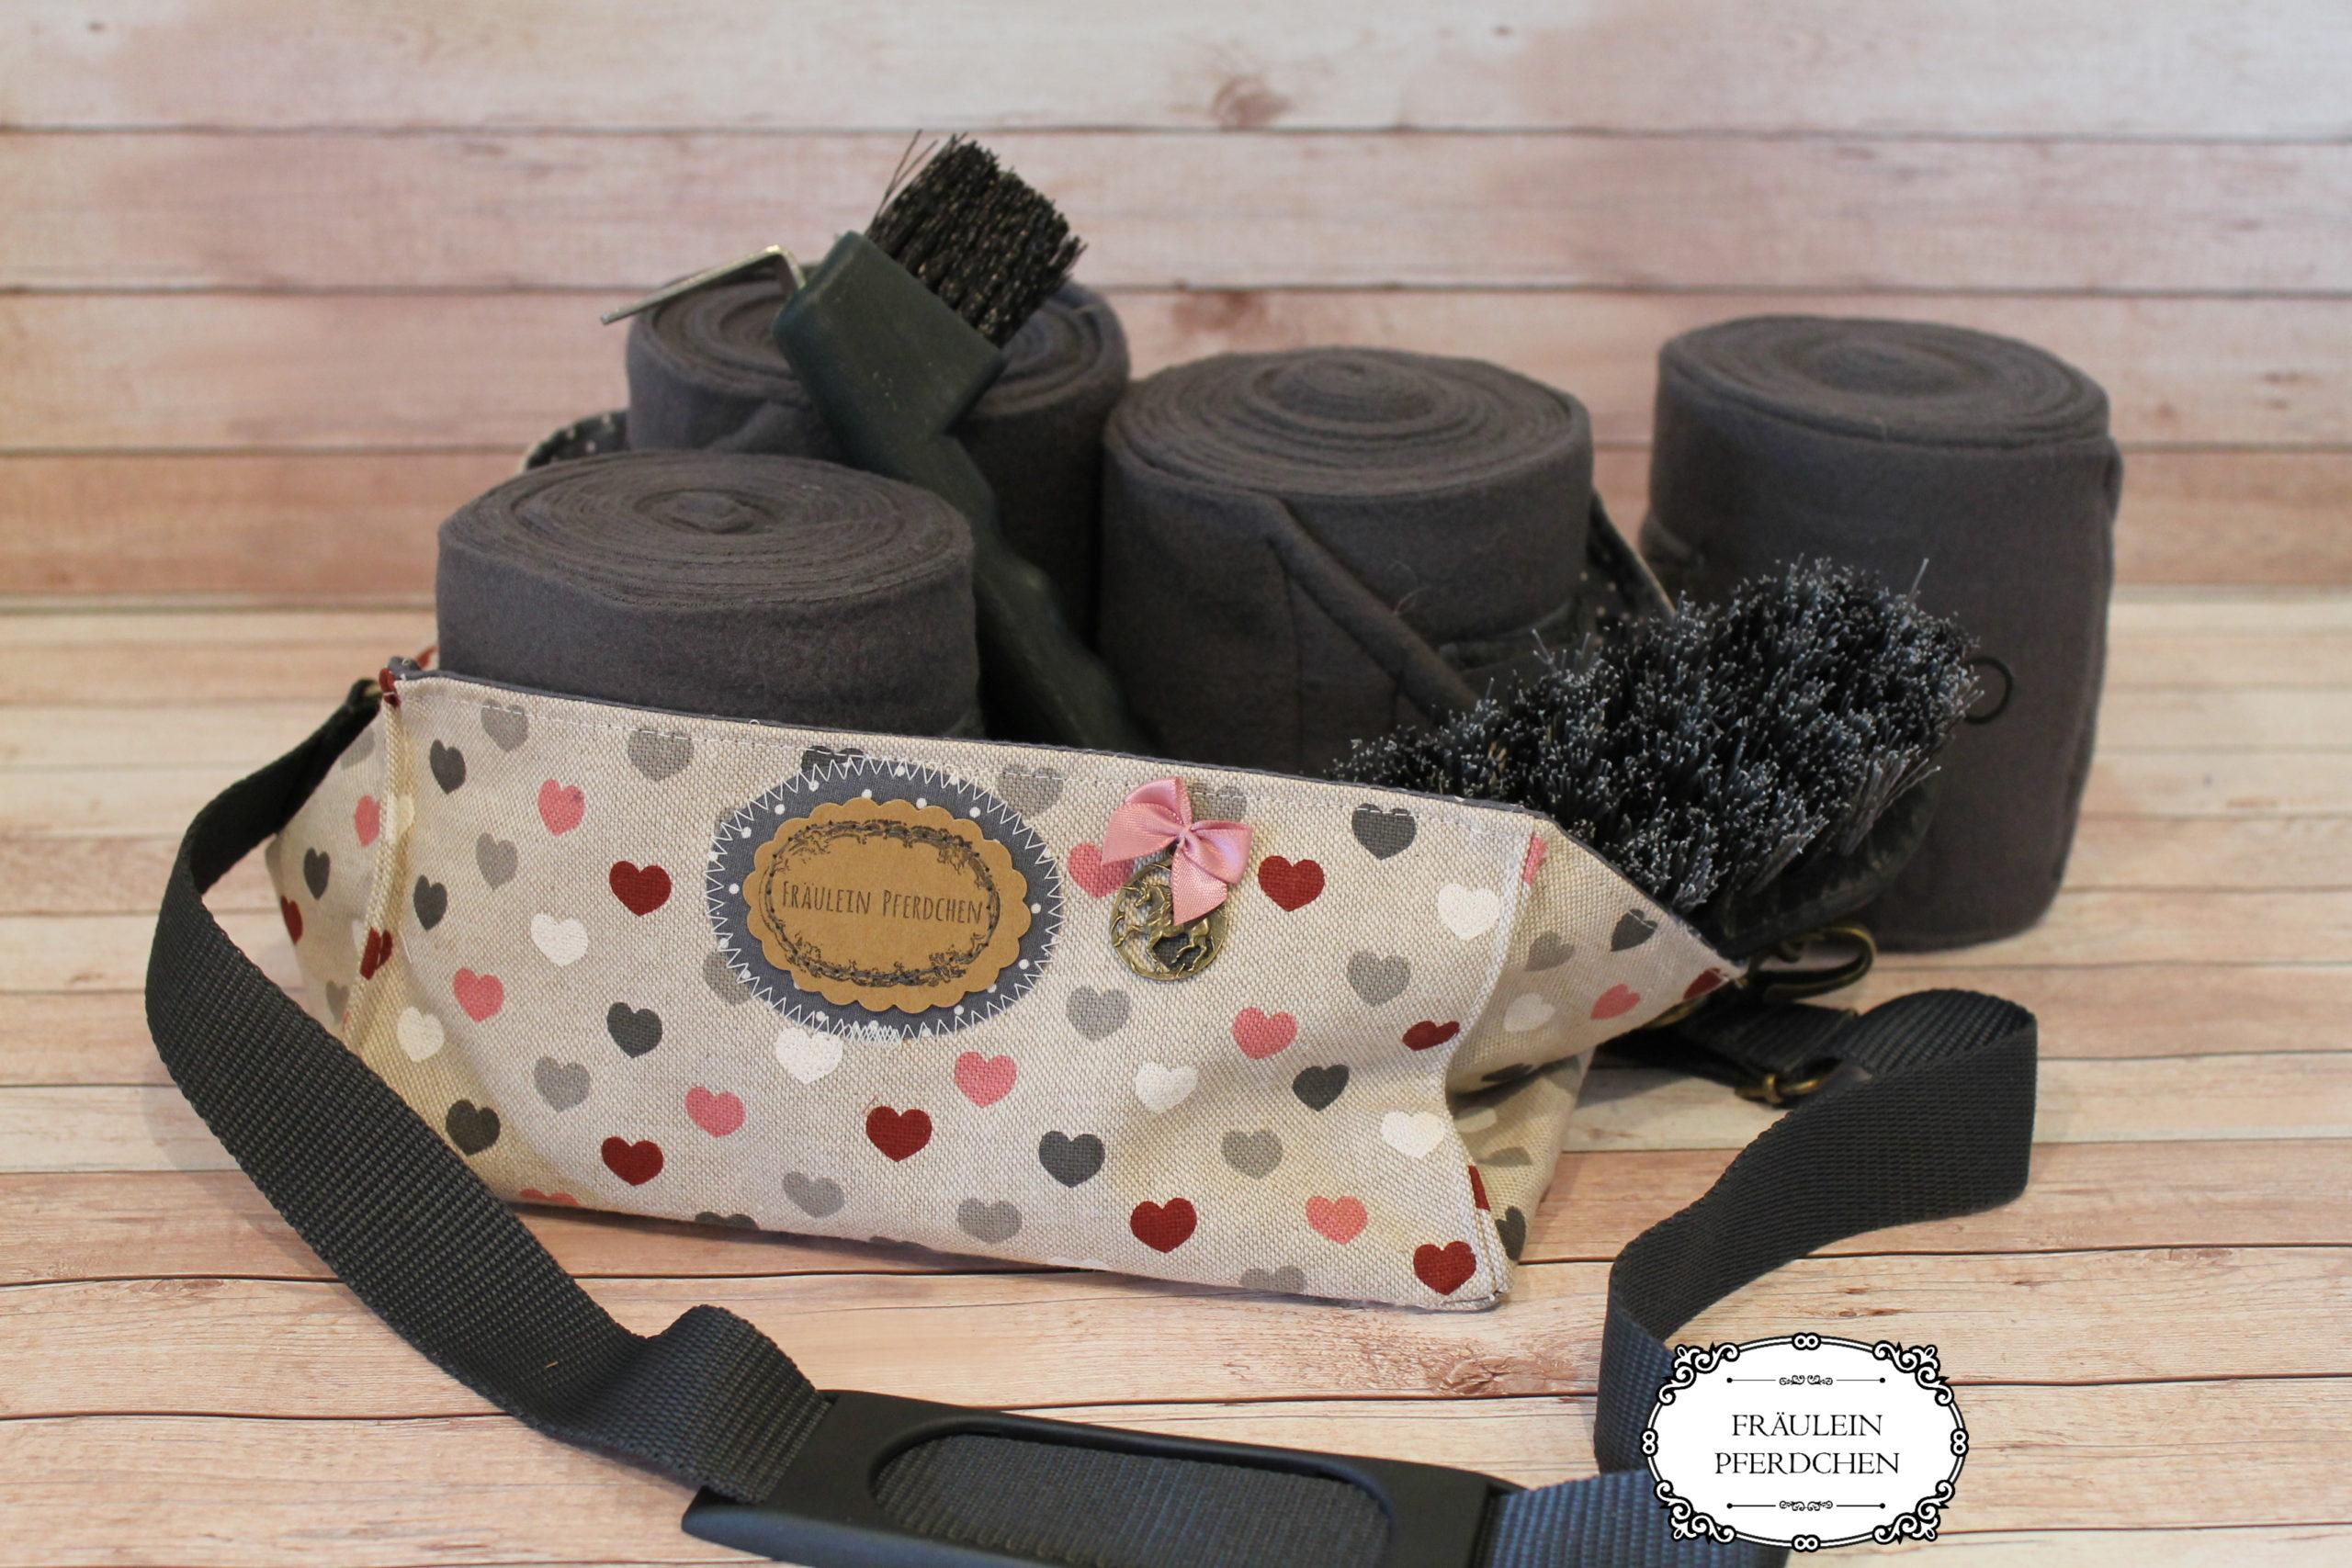 Bandagen-/Putztasche – 100% mit Liebe handgemacht